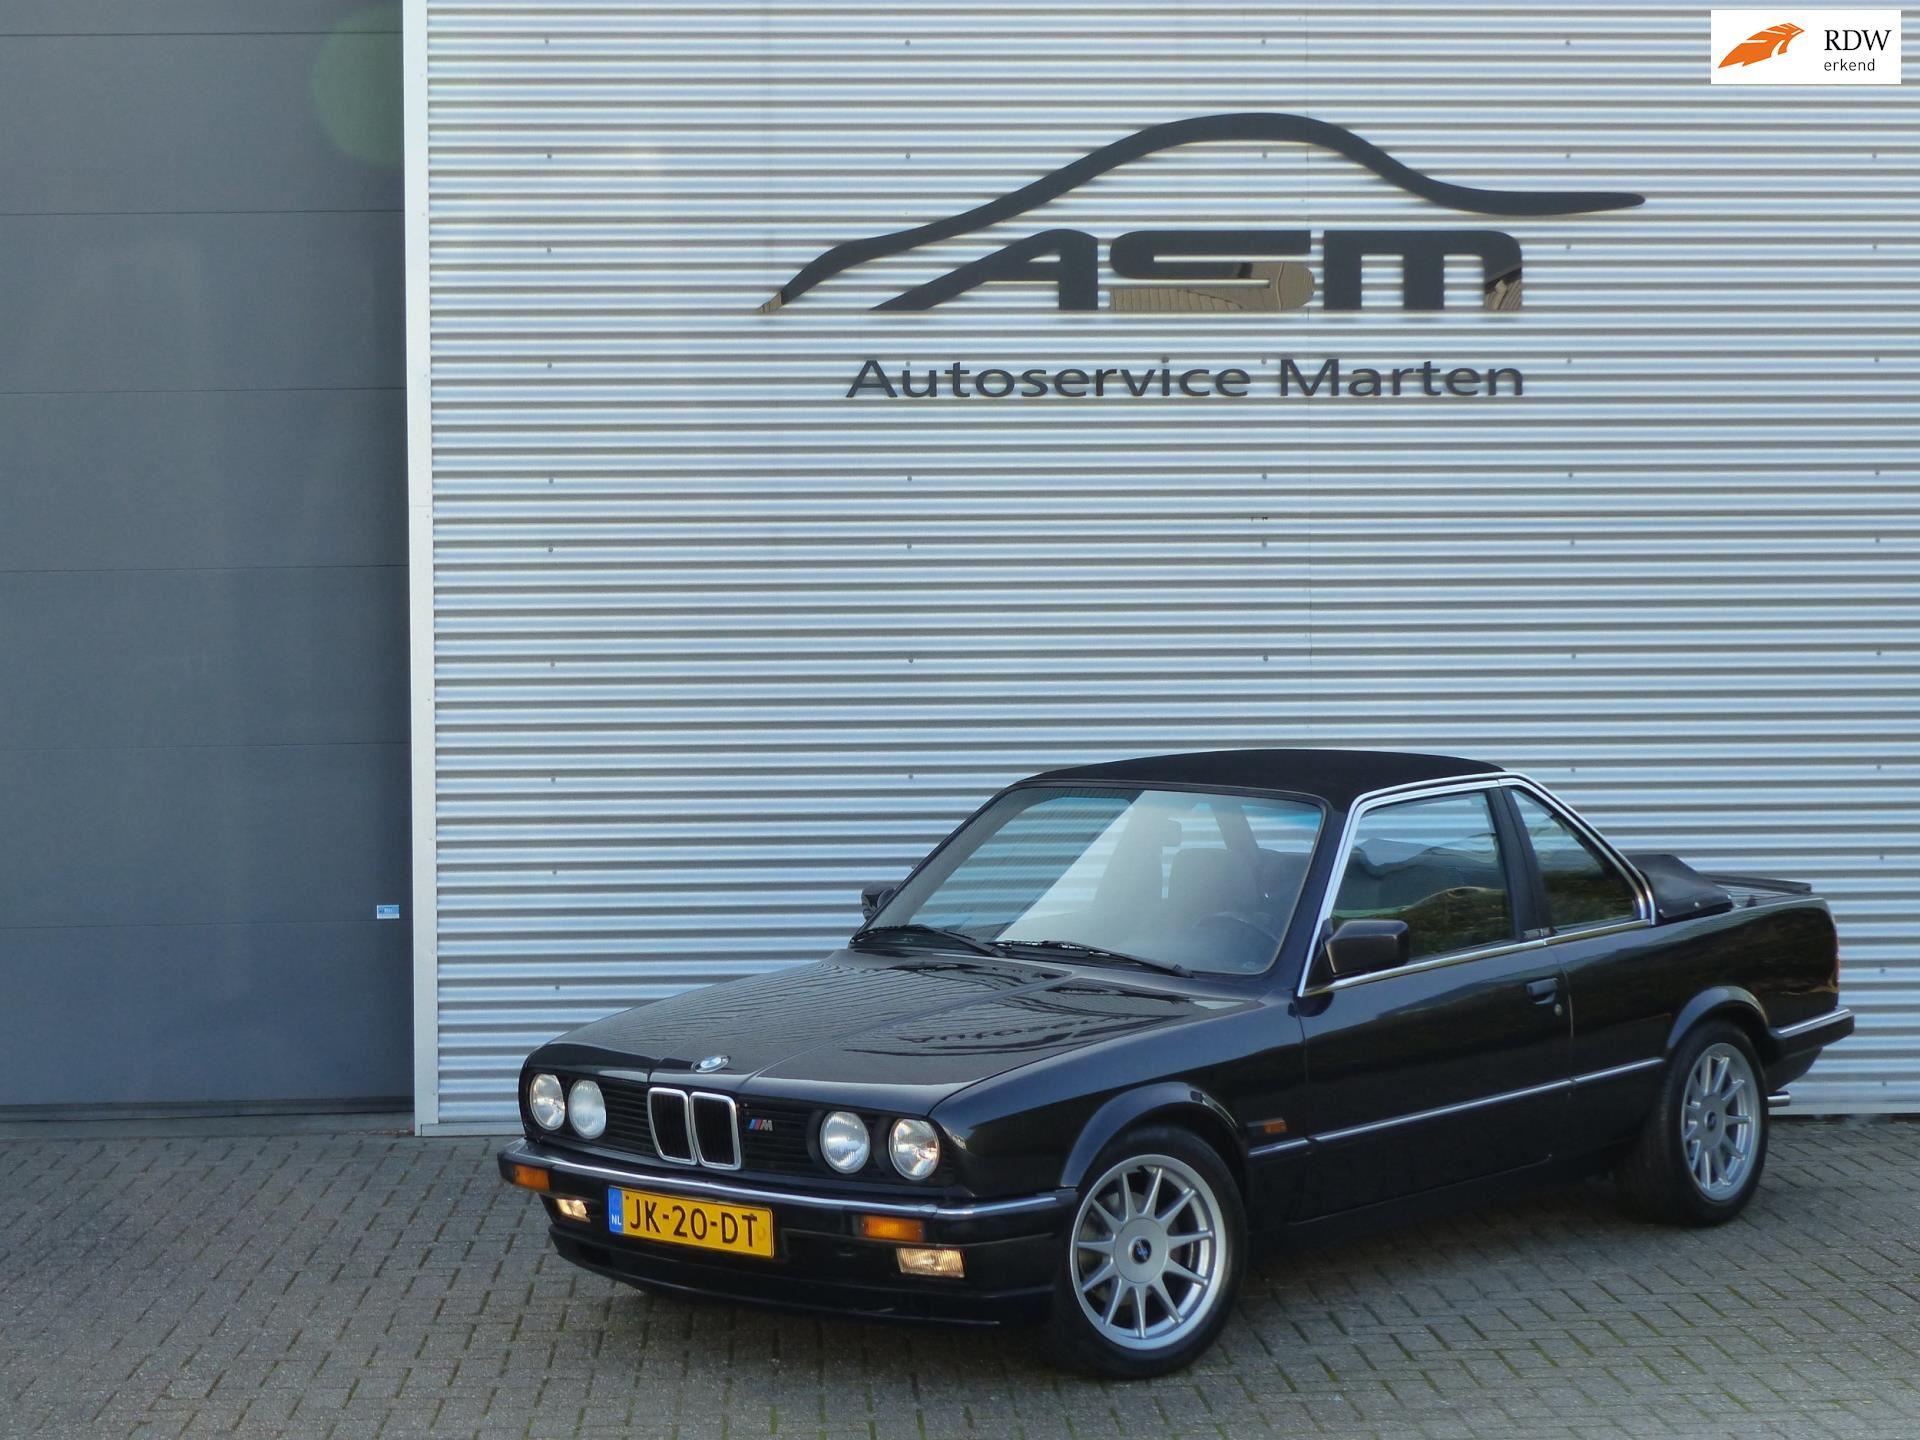 BMW E30 323 i Baur occasion - ASM Autoservice Marten